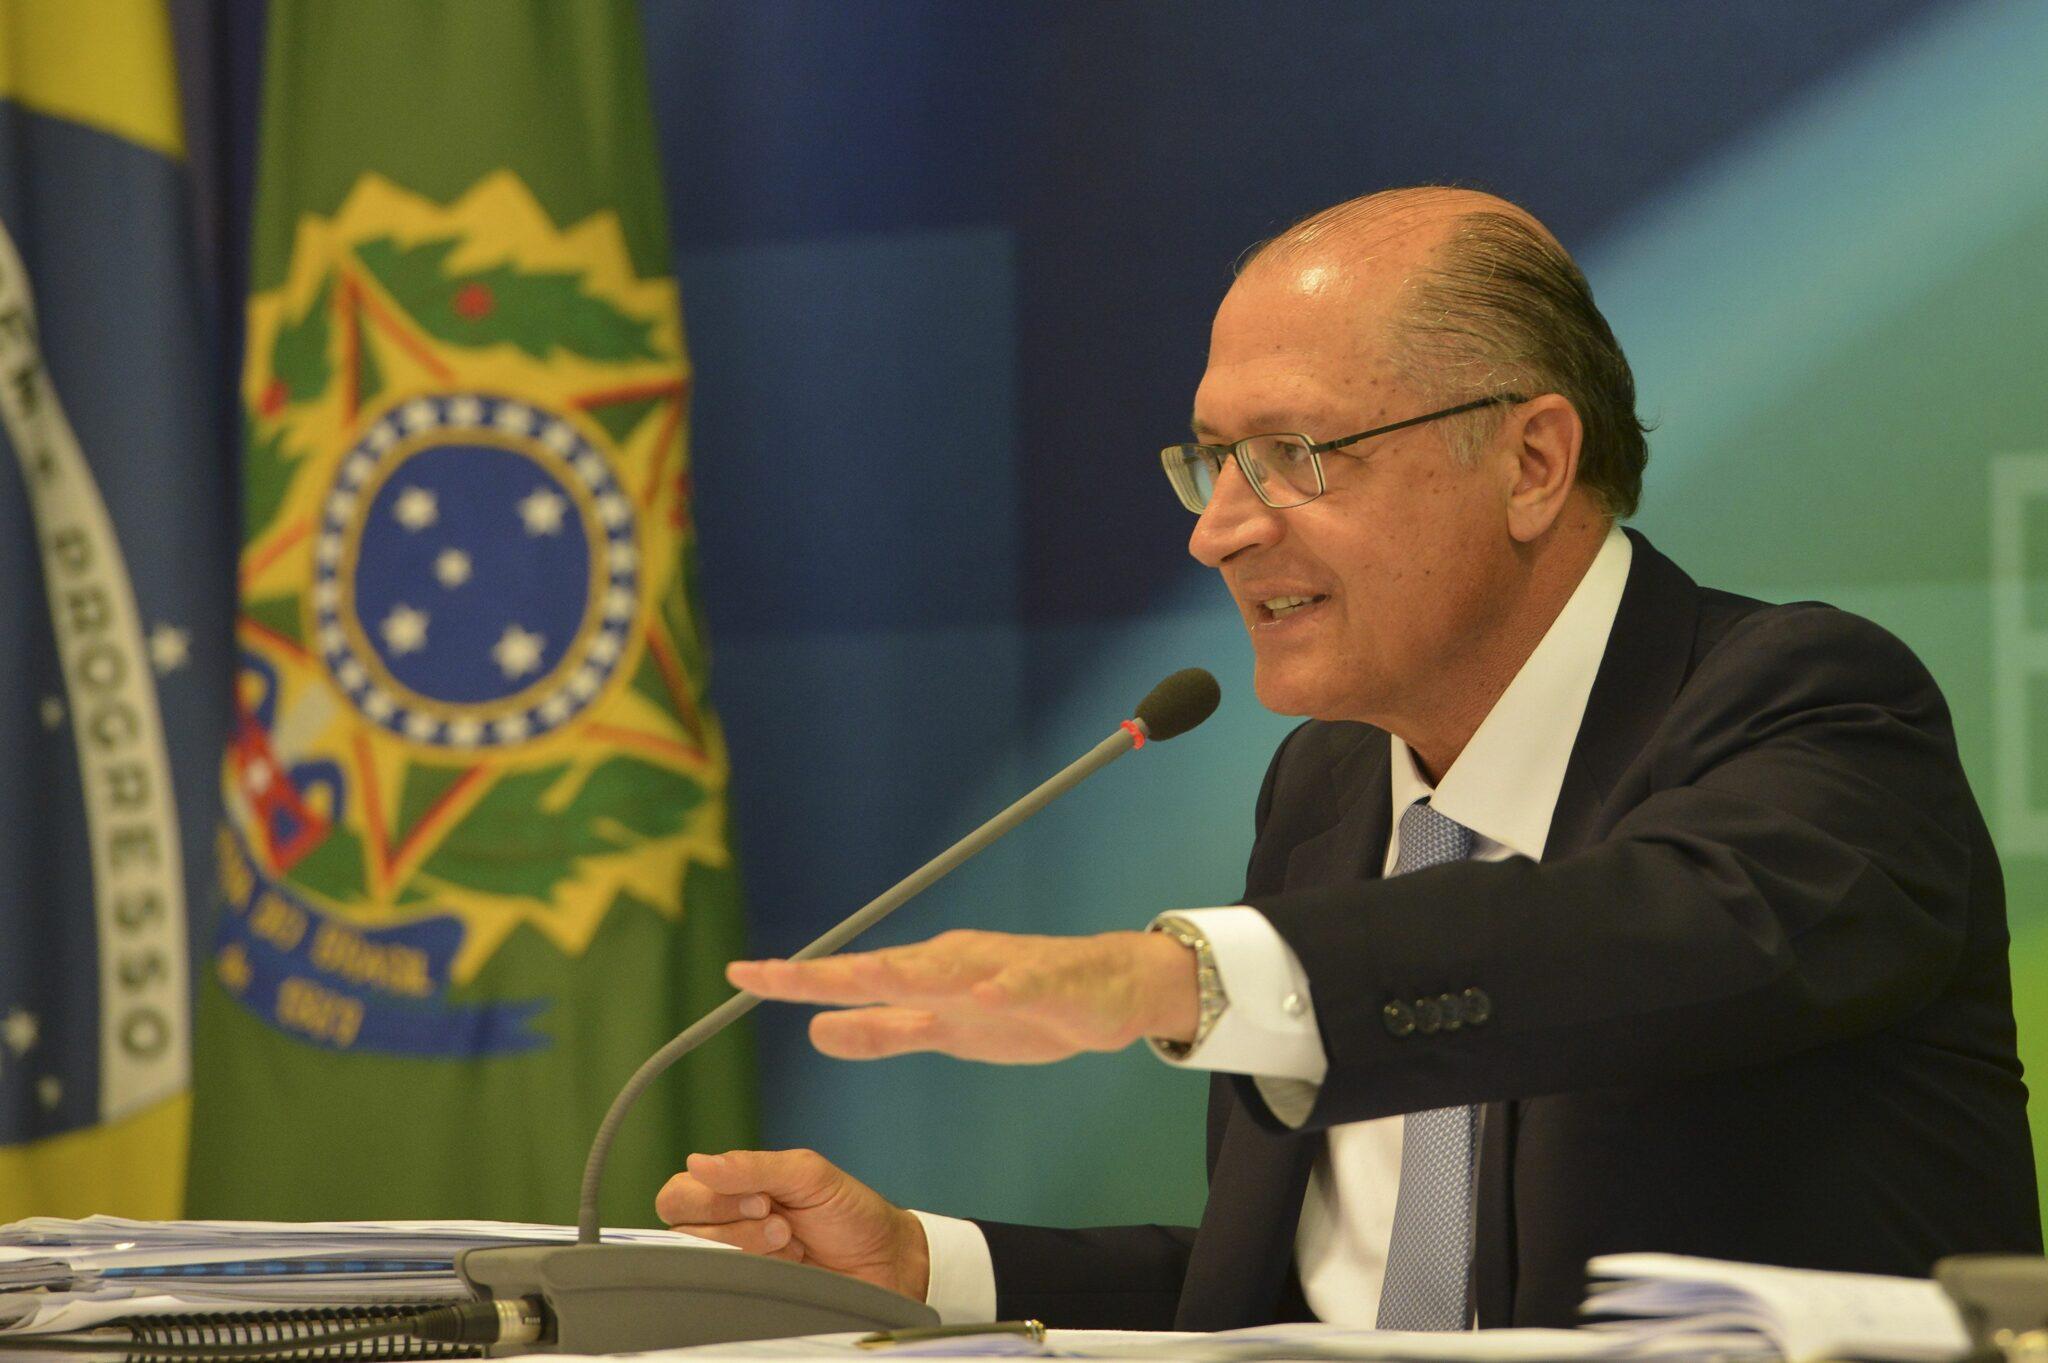 Sobre investigação, Alckmin diz que delação foi de natureza eleitoral